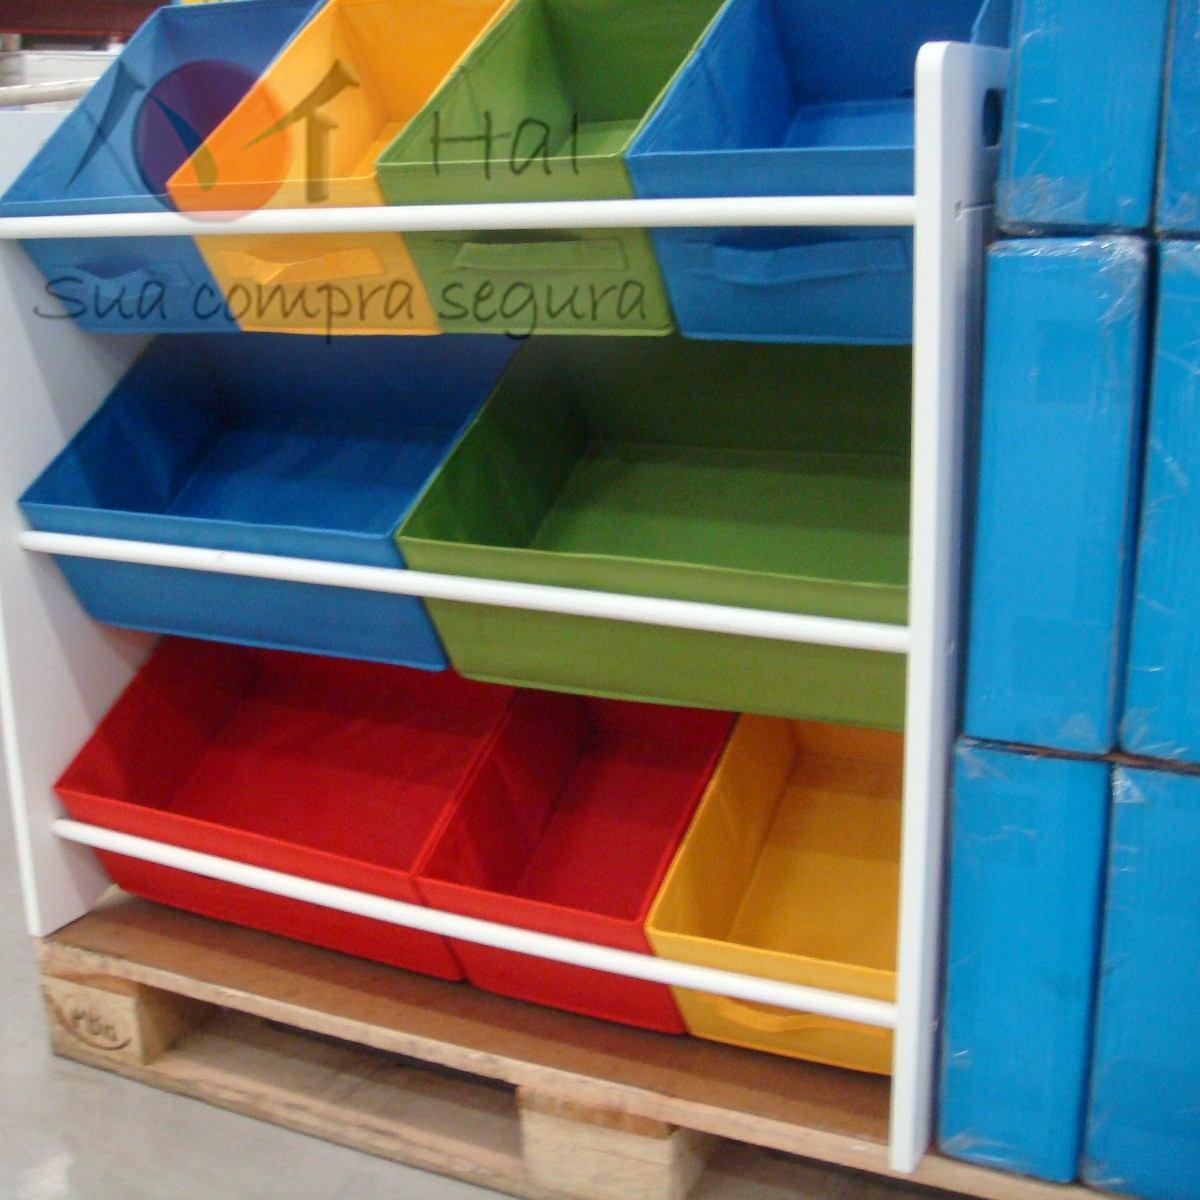 Armario Tok Stok ~ Organizador Caixa Bancada Gavetas Armario Infantil Brinquedo R$ 328,00 em Mercado Livre